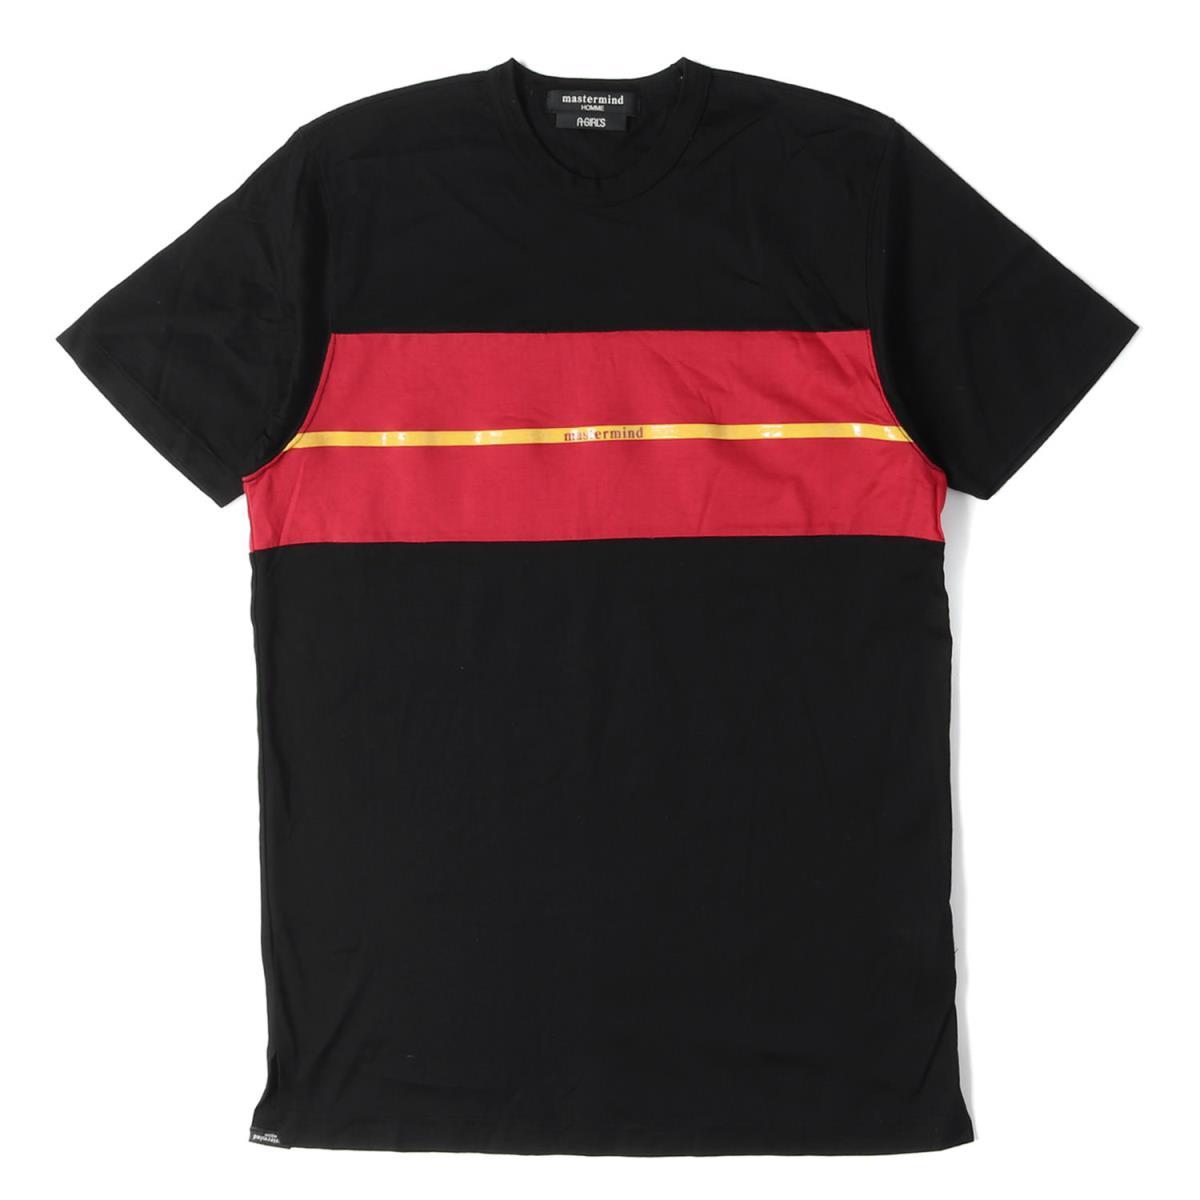 トップス, Tシャツ・カットソー mastermind JAPAN () T 16SS T mastermind HOMME S K2306